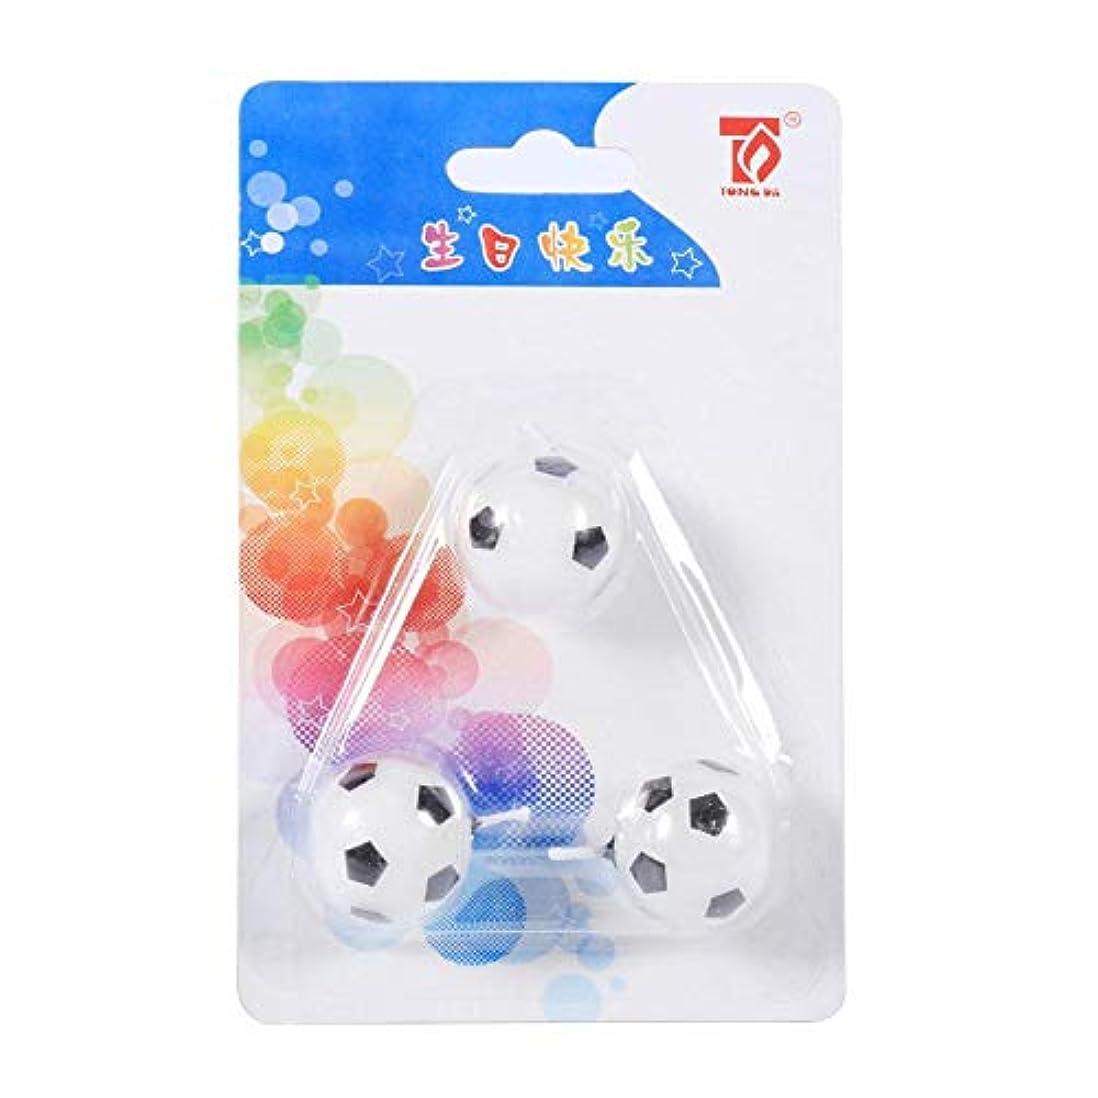 原子バラエティ同等のEboxer キャンドル サッカーボールキャンドル キャンドル誕生日 子供向 3個入 サッカーボールの形 誕生日 パーティケーキのキャンドル 飾り物 可愛い